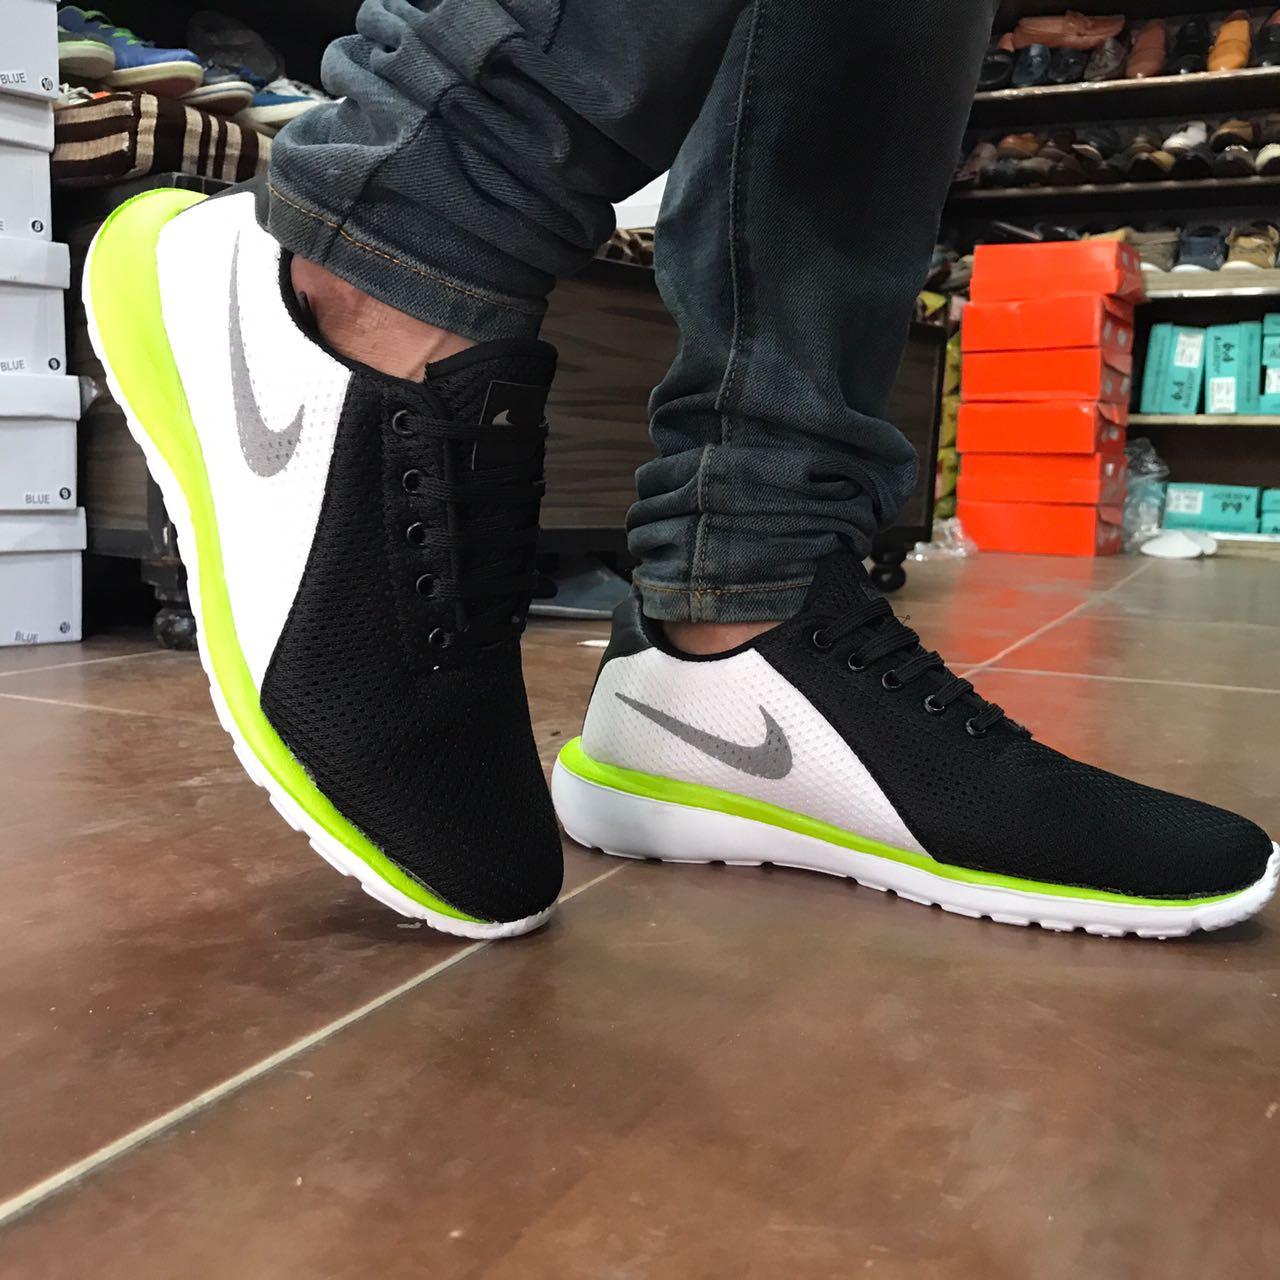 desvanecerse ella es Escarpa  Branded Products: Nike Magnet, Size:6-10, Ship Extra